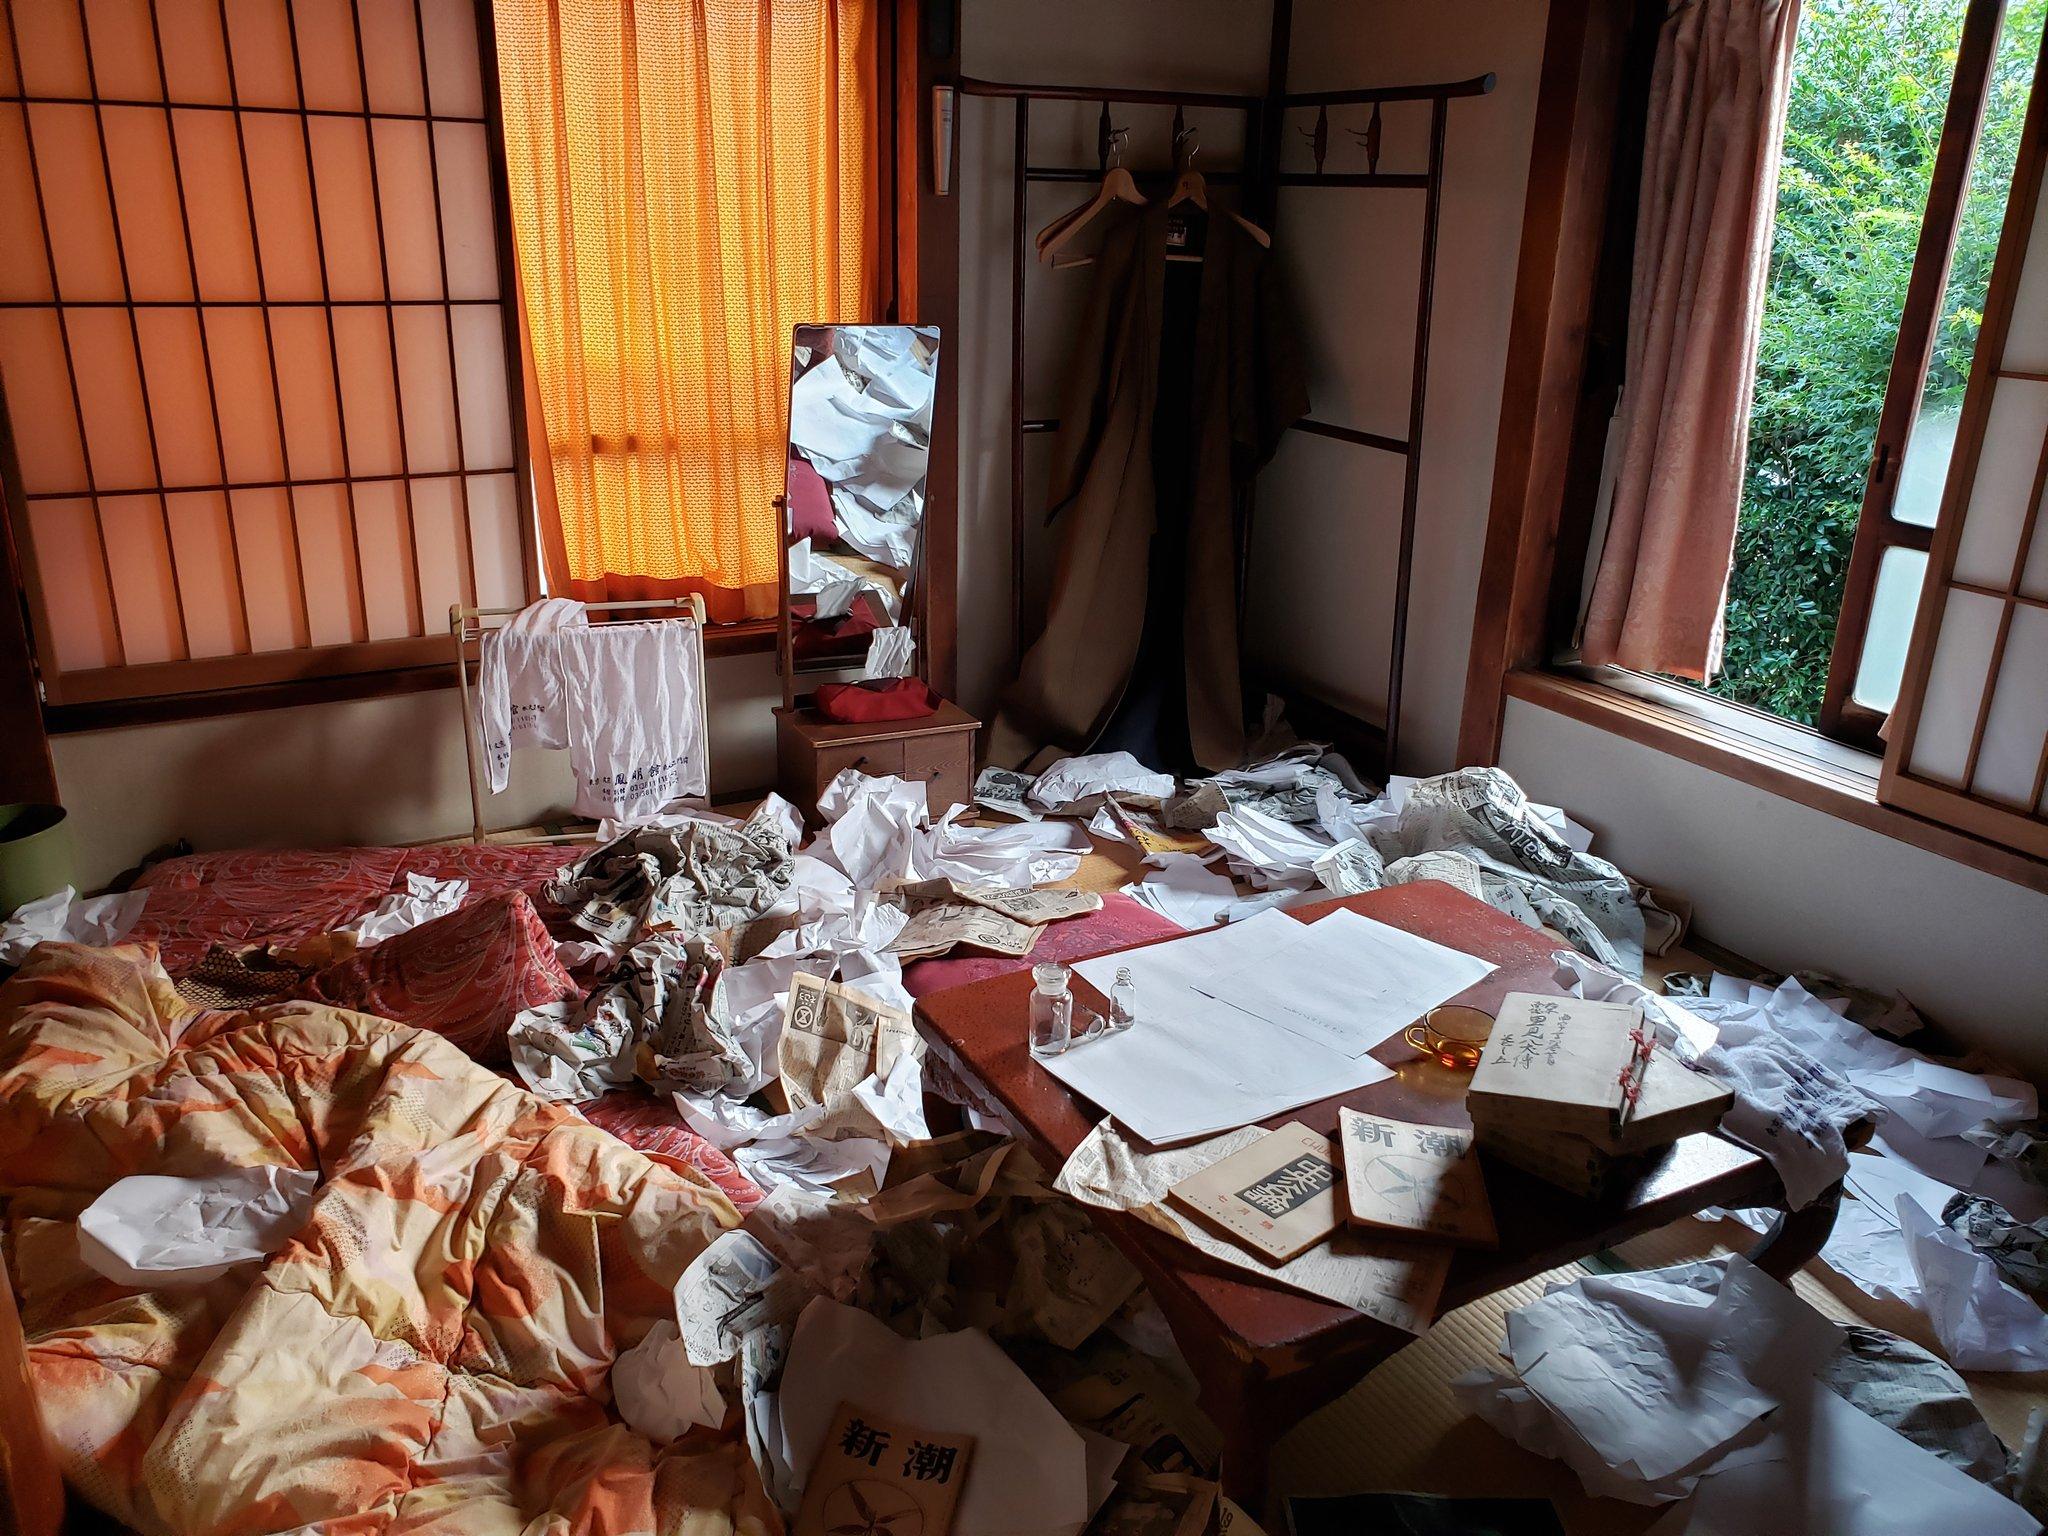 旅館・鳳明館の「文豪缶詰プラン」がぶっ飛びすぎ!担当編集者による見張り&殺人事件の発生など…個性豊かな企画が満載